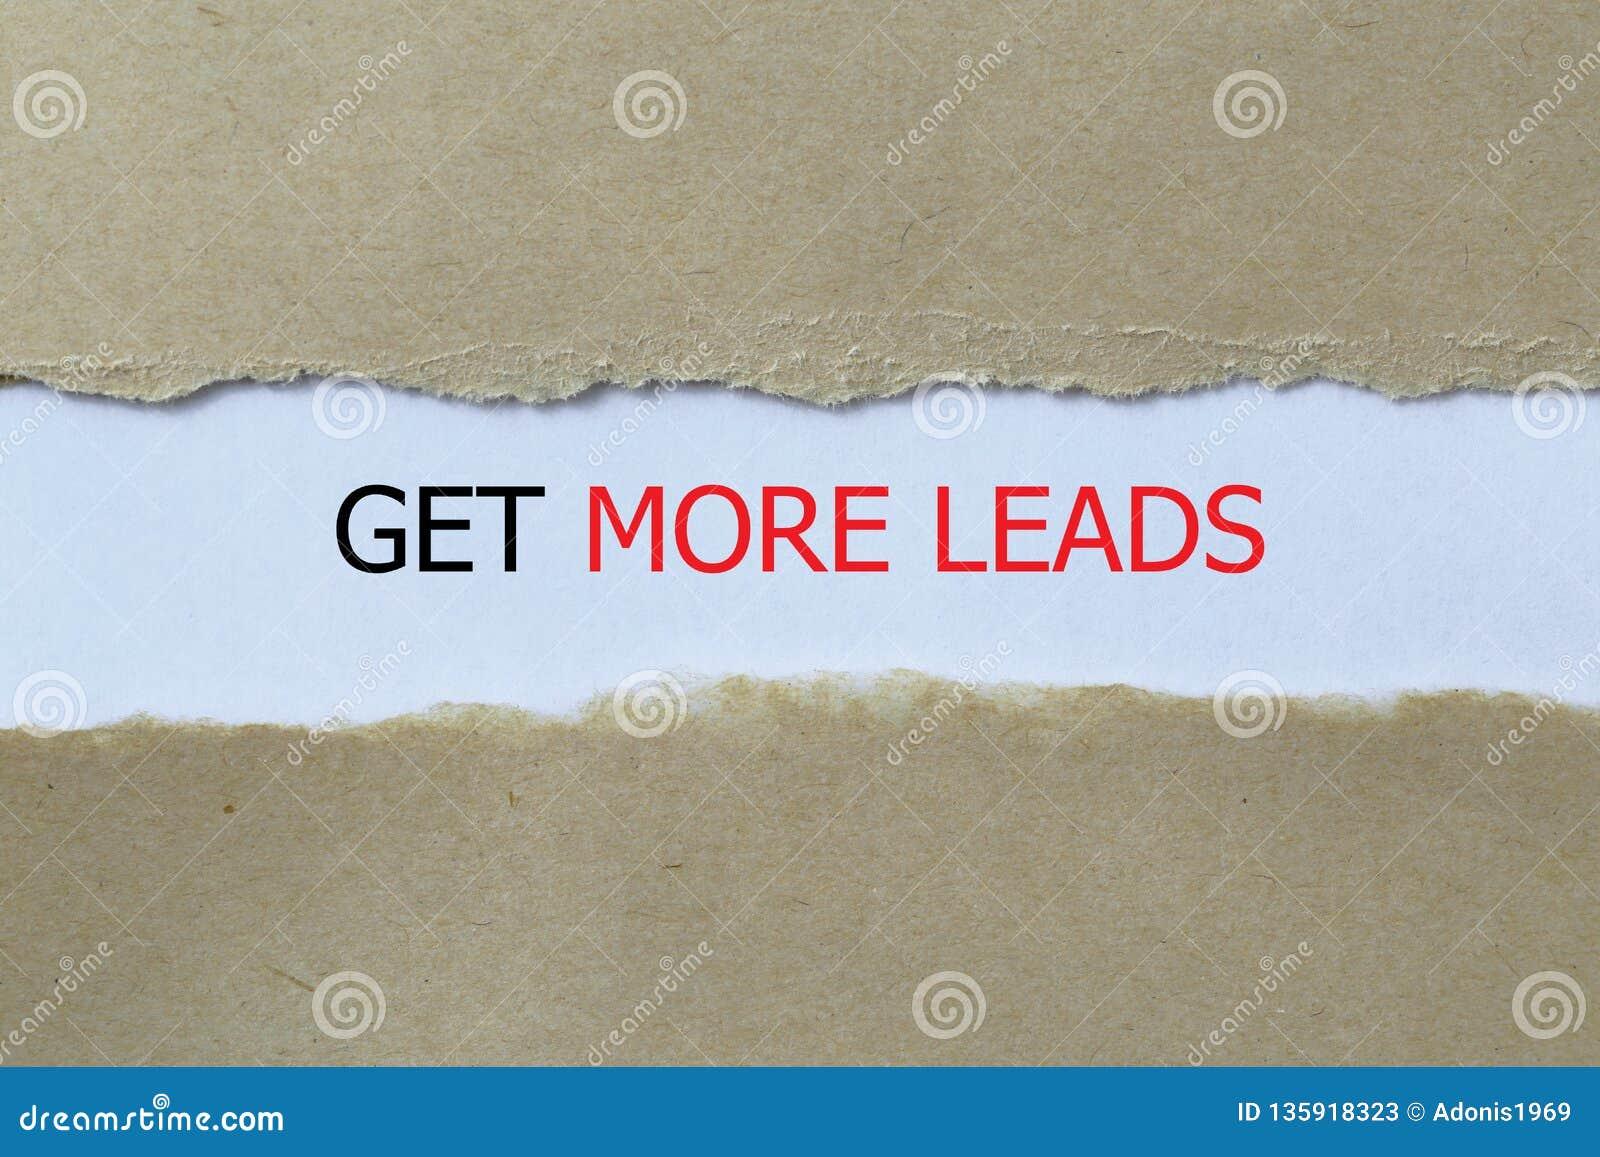 Get more leads illustration